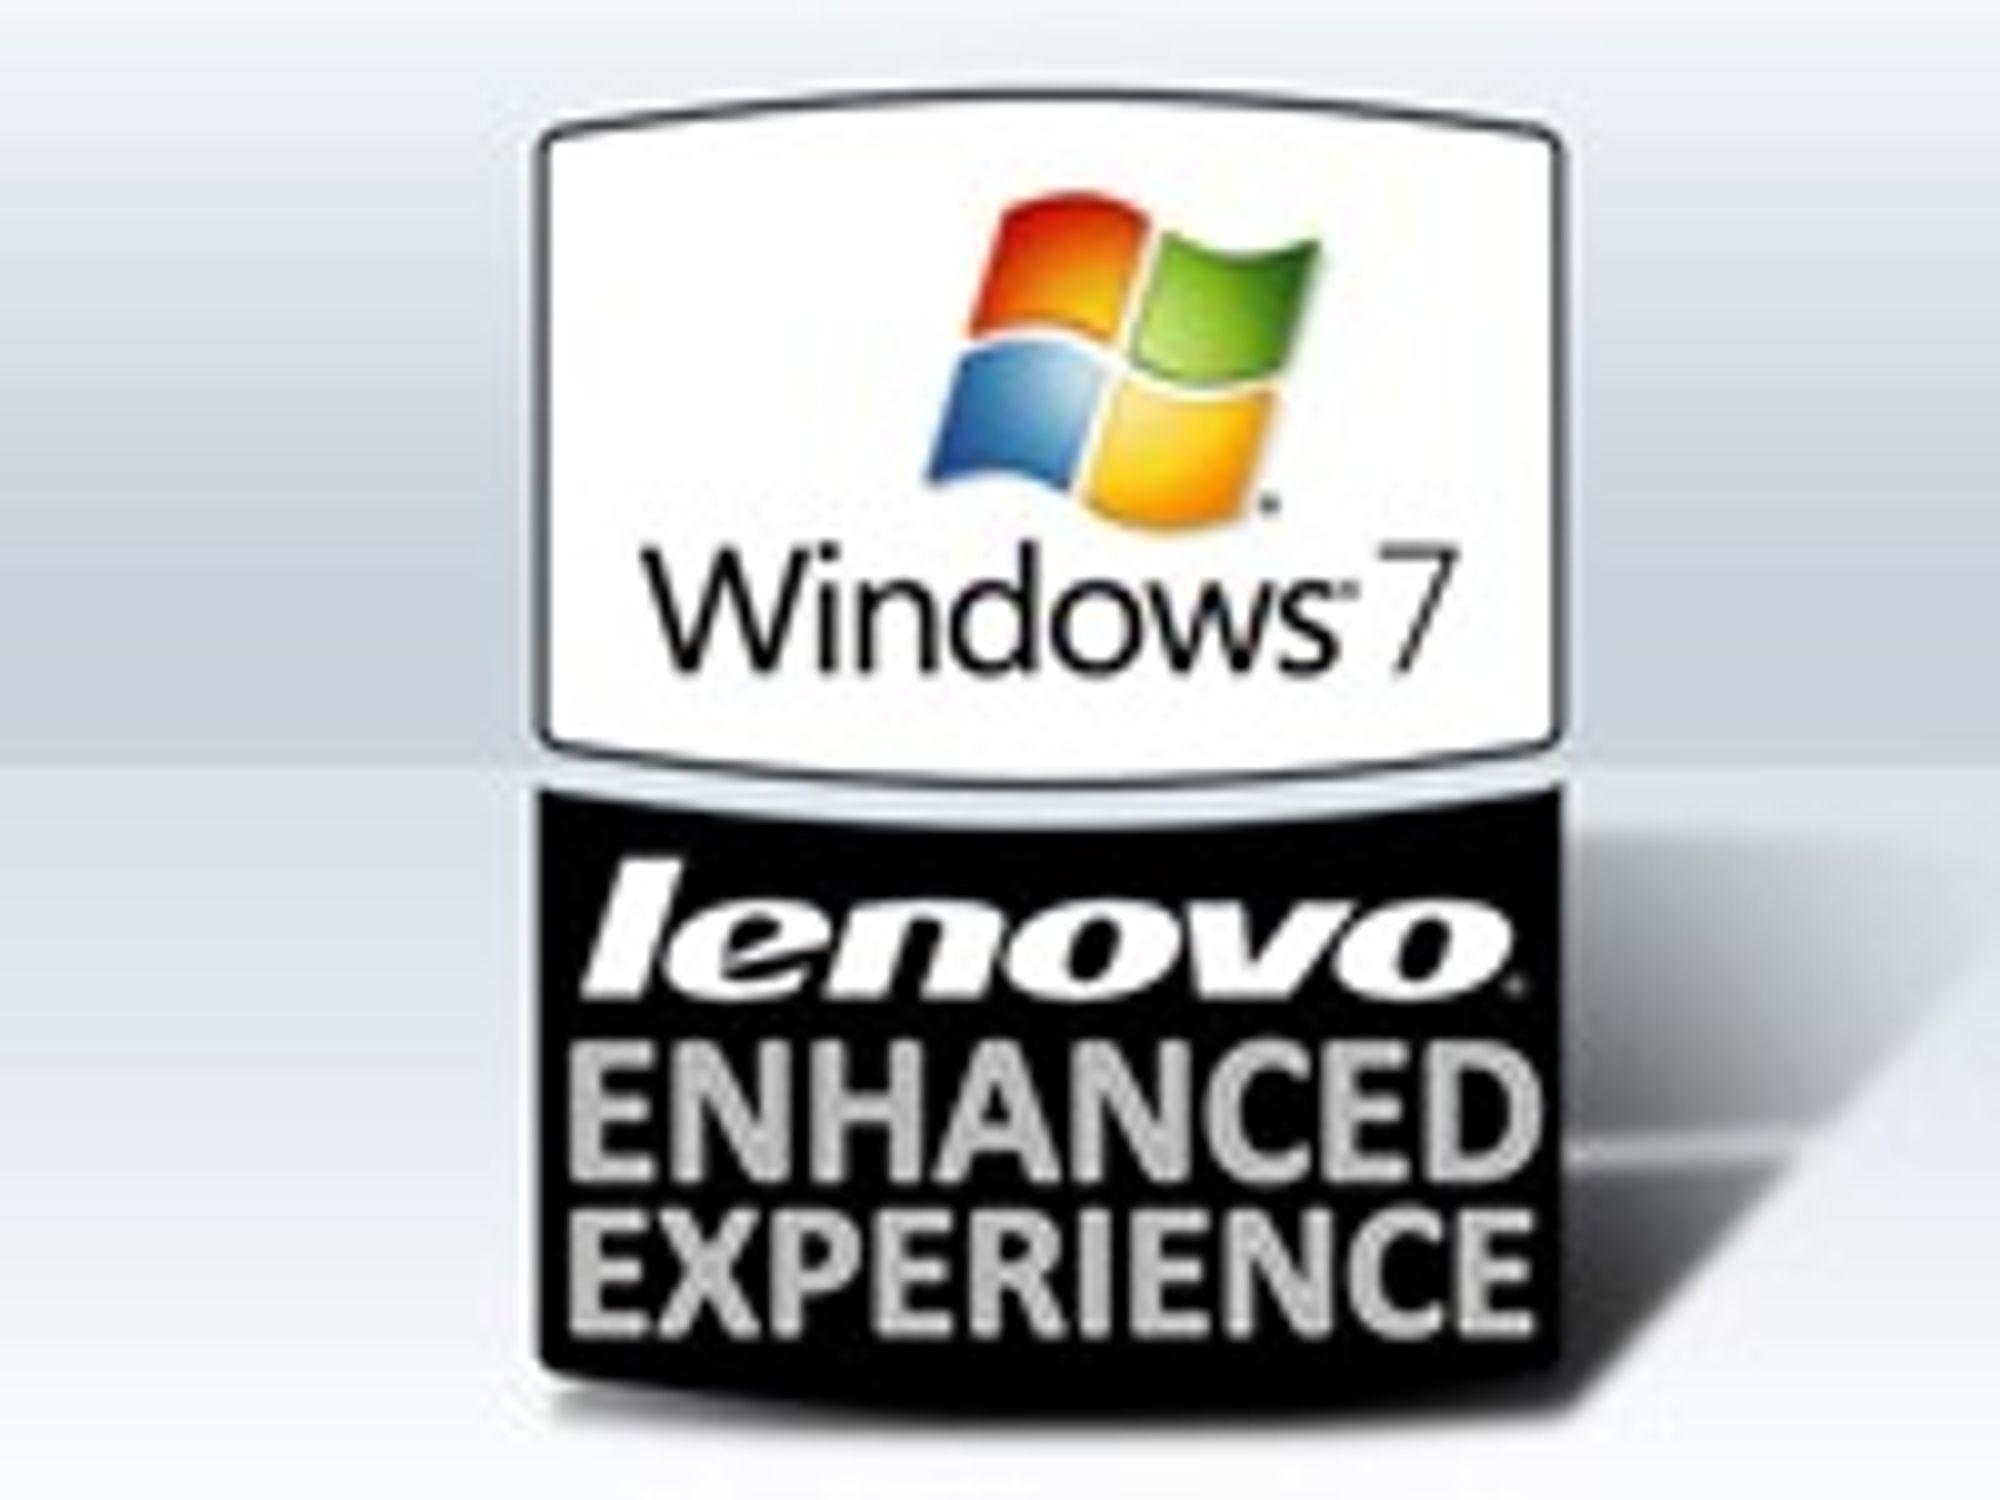 Denne logoen skal vise at pc-en er optimalisert for å kjøre Windows 7 raskere enn andre ellers identisk konfigurerte maskiner.